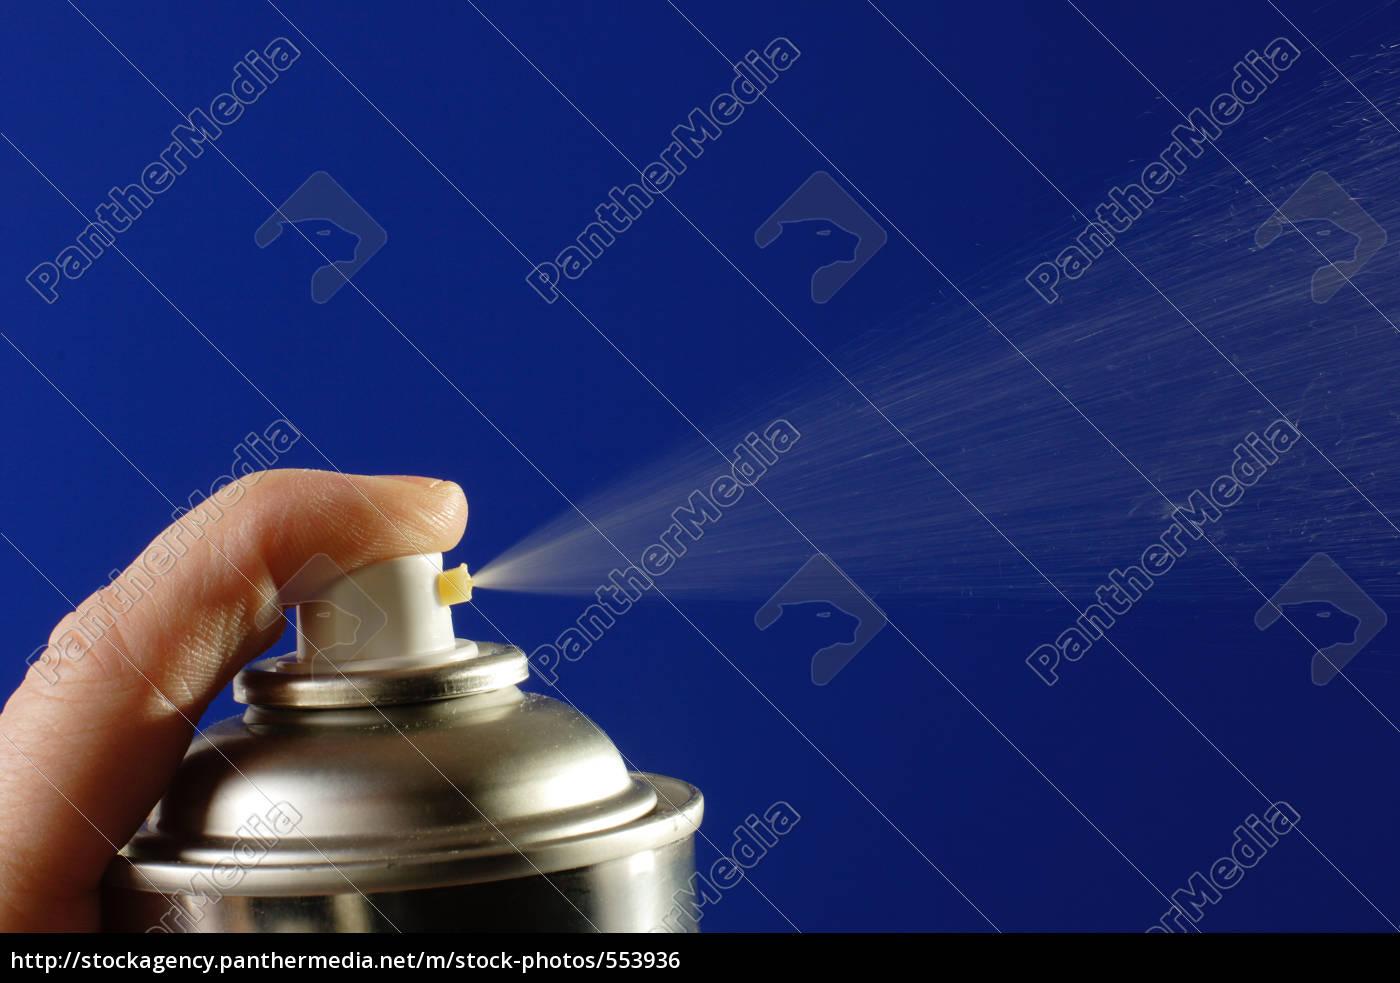 spray - 553936